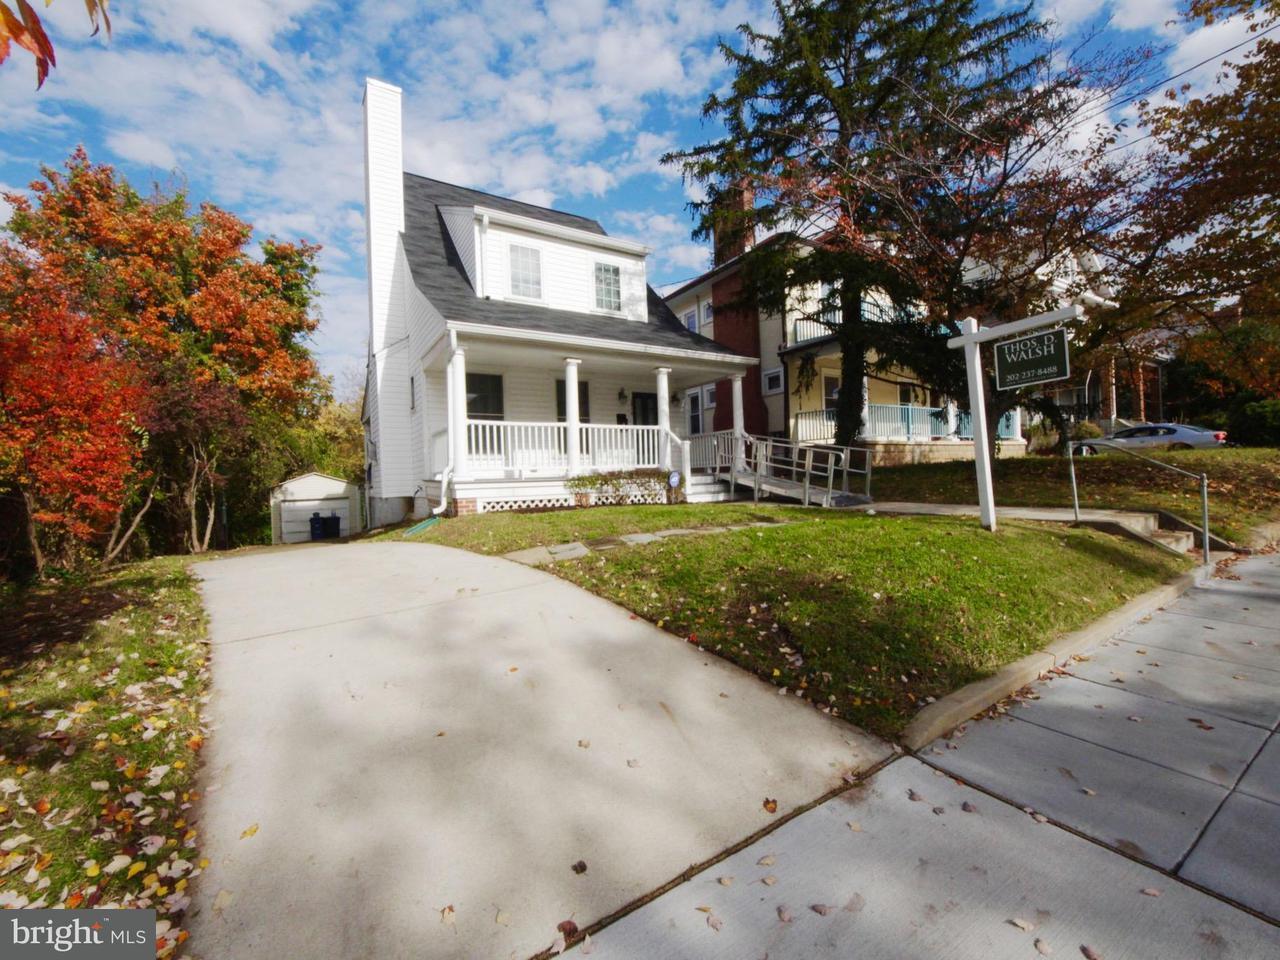 단독 가정 주택 용 매매 에 1310 MONROE ST NE 1310 MONROE ST NE Washington, 컬럼비아주 20017 미국